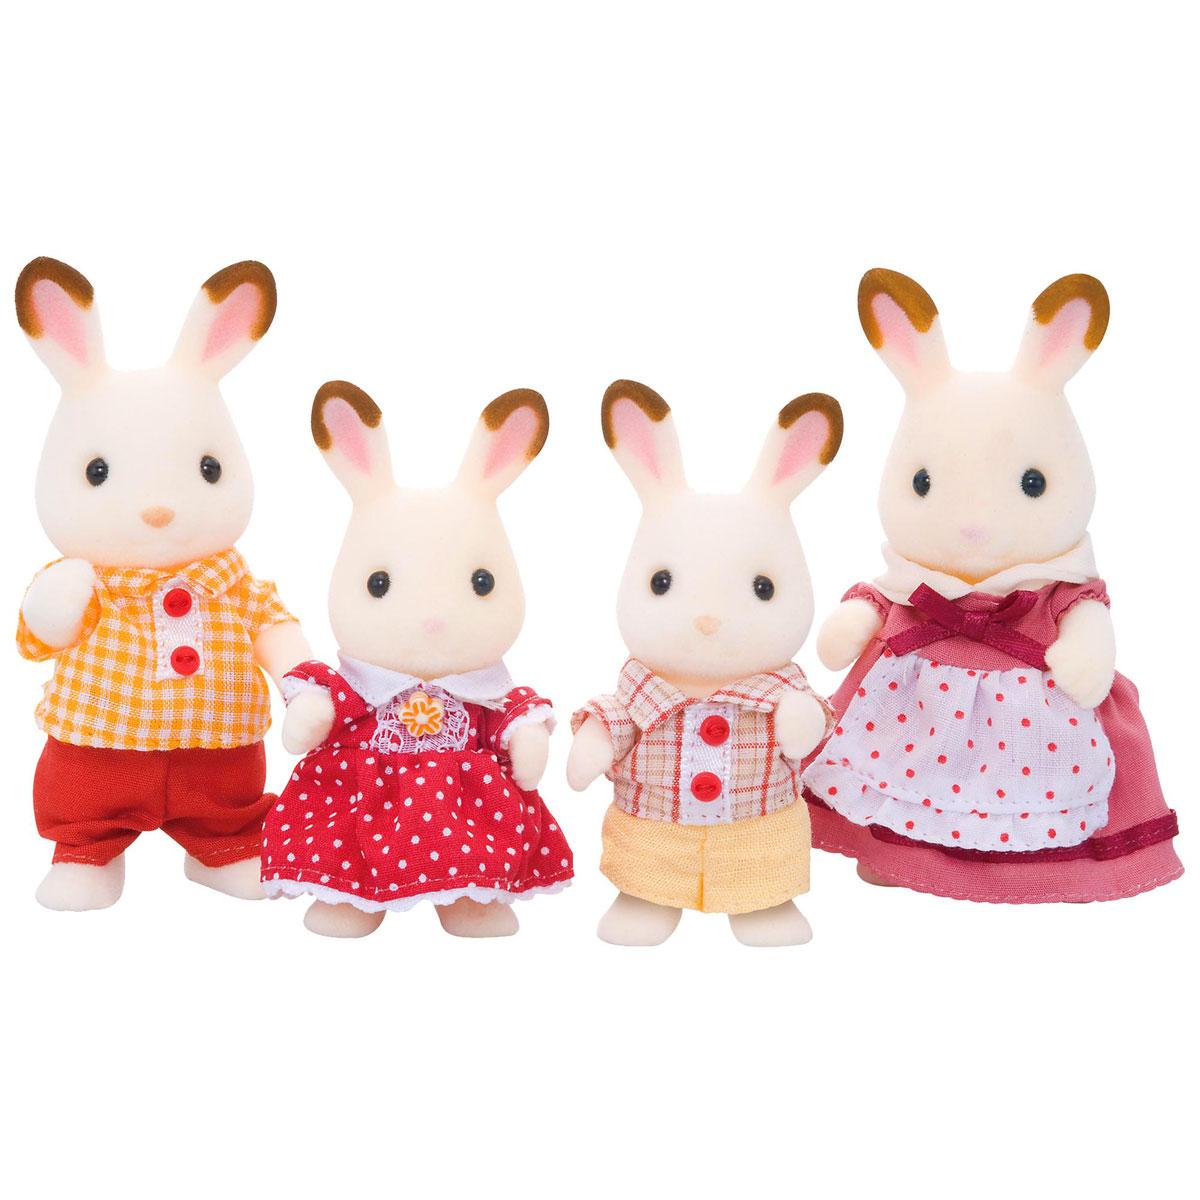 Sylvanian Families Набор фигурок Семья шоколадных кроликов игровые наборы sylvanian families игровой набор семья серых кроликов